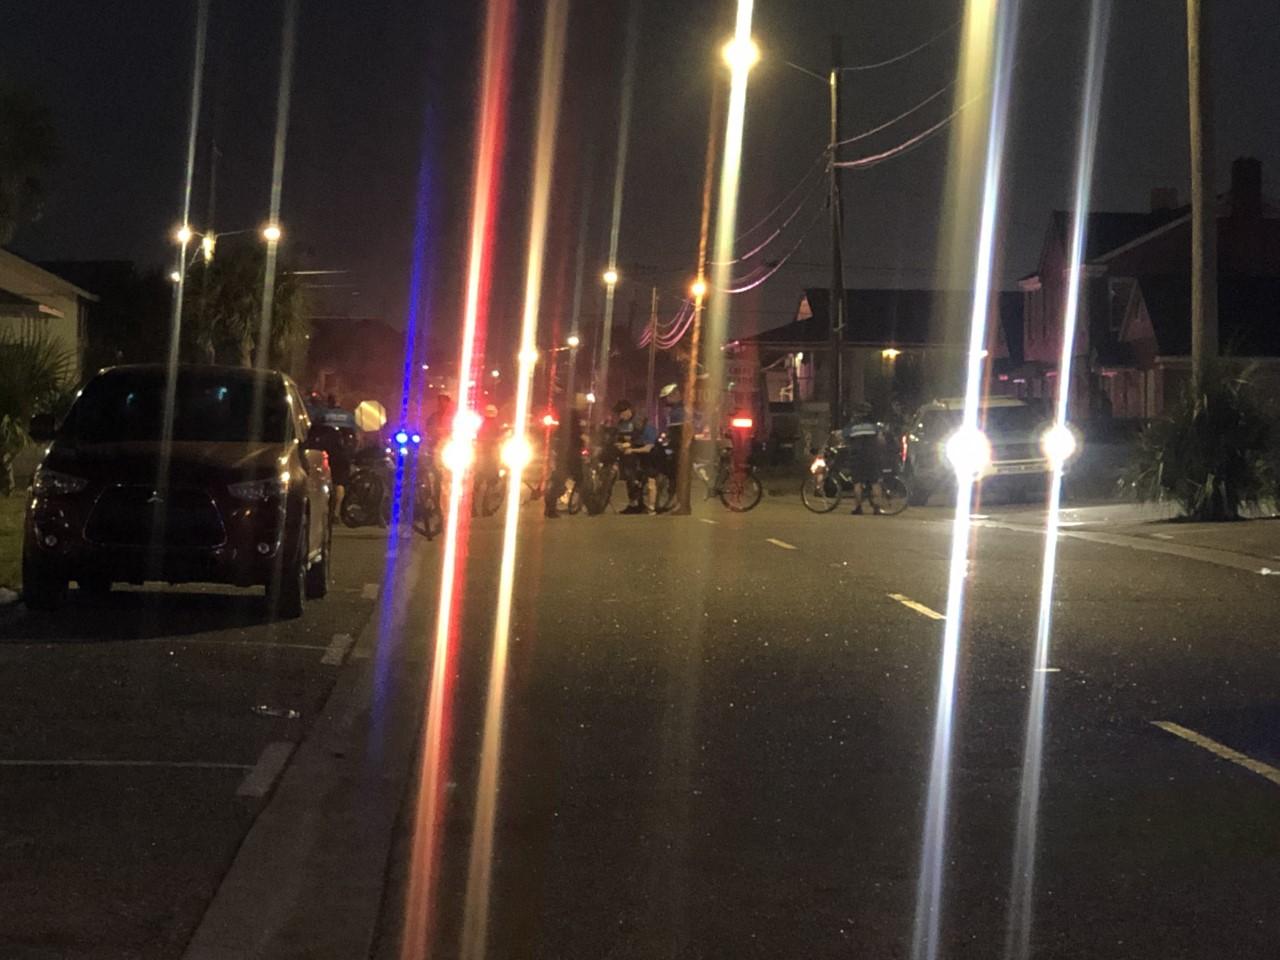 7th Ave Chester Street shooting_1558918667131.jpg.jpg